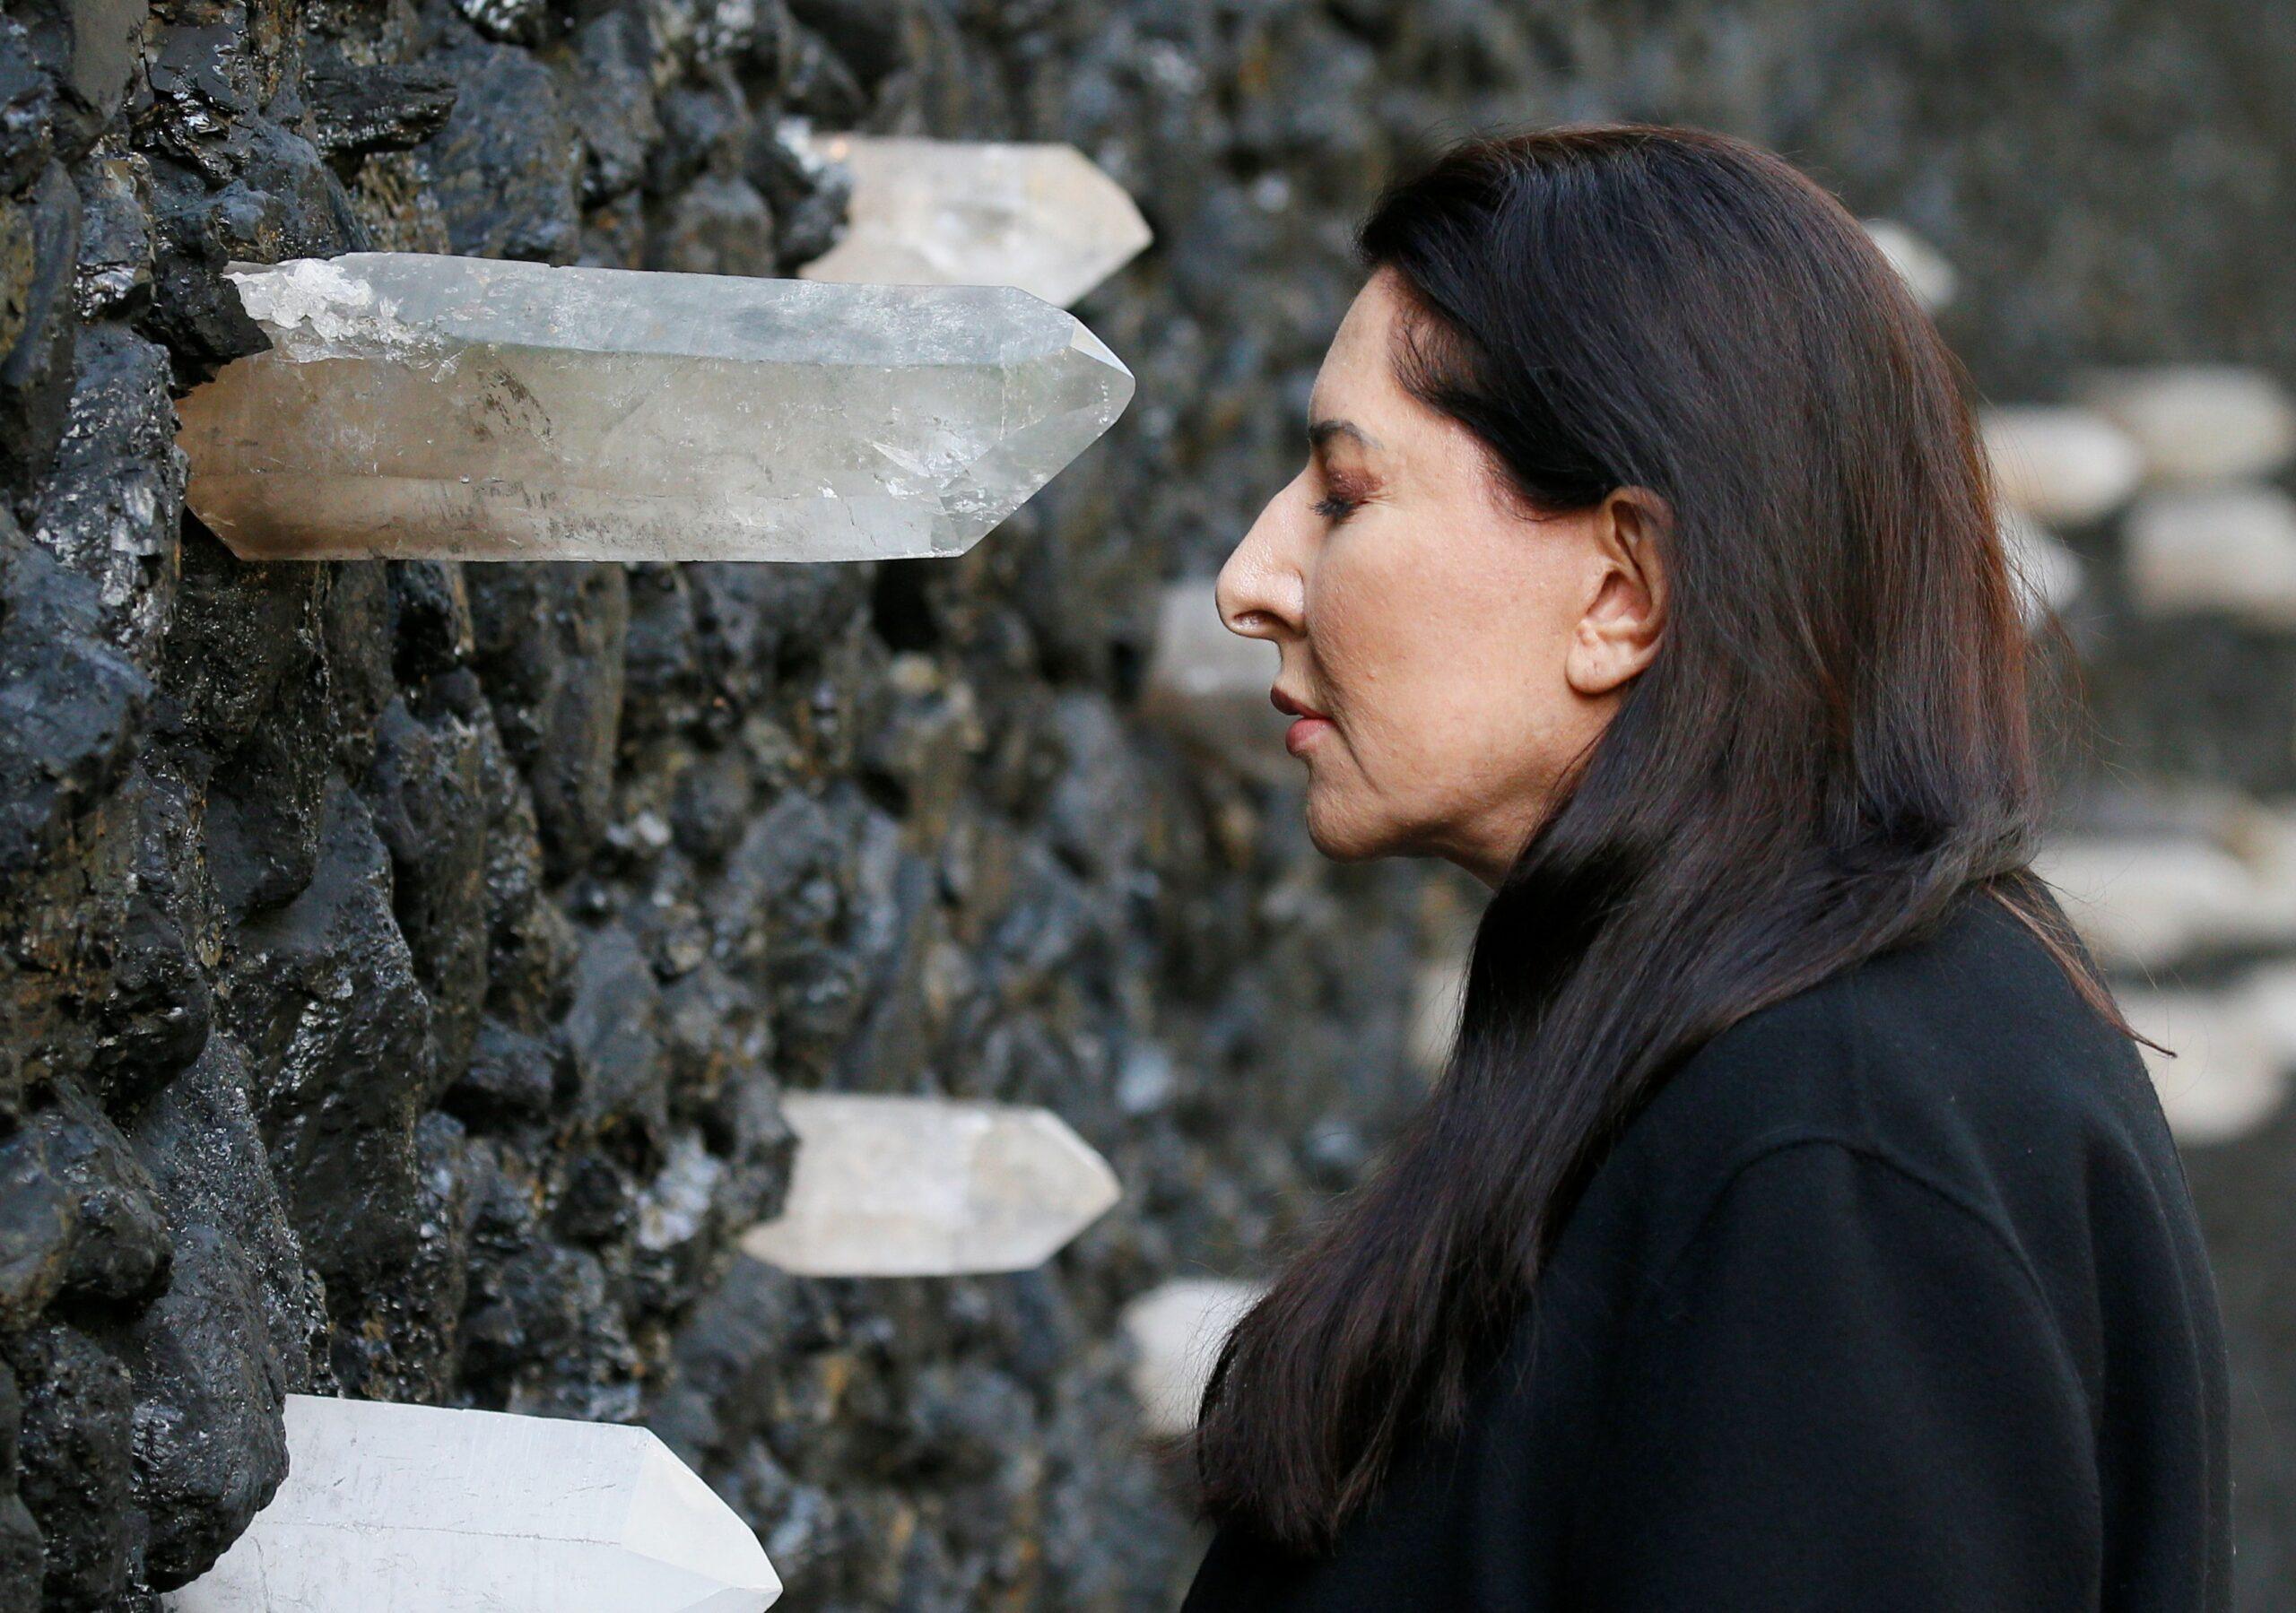 В Бабьем Яру открыли «Кристальную стену плача» Марины Абрамович